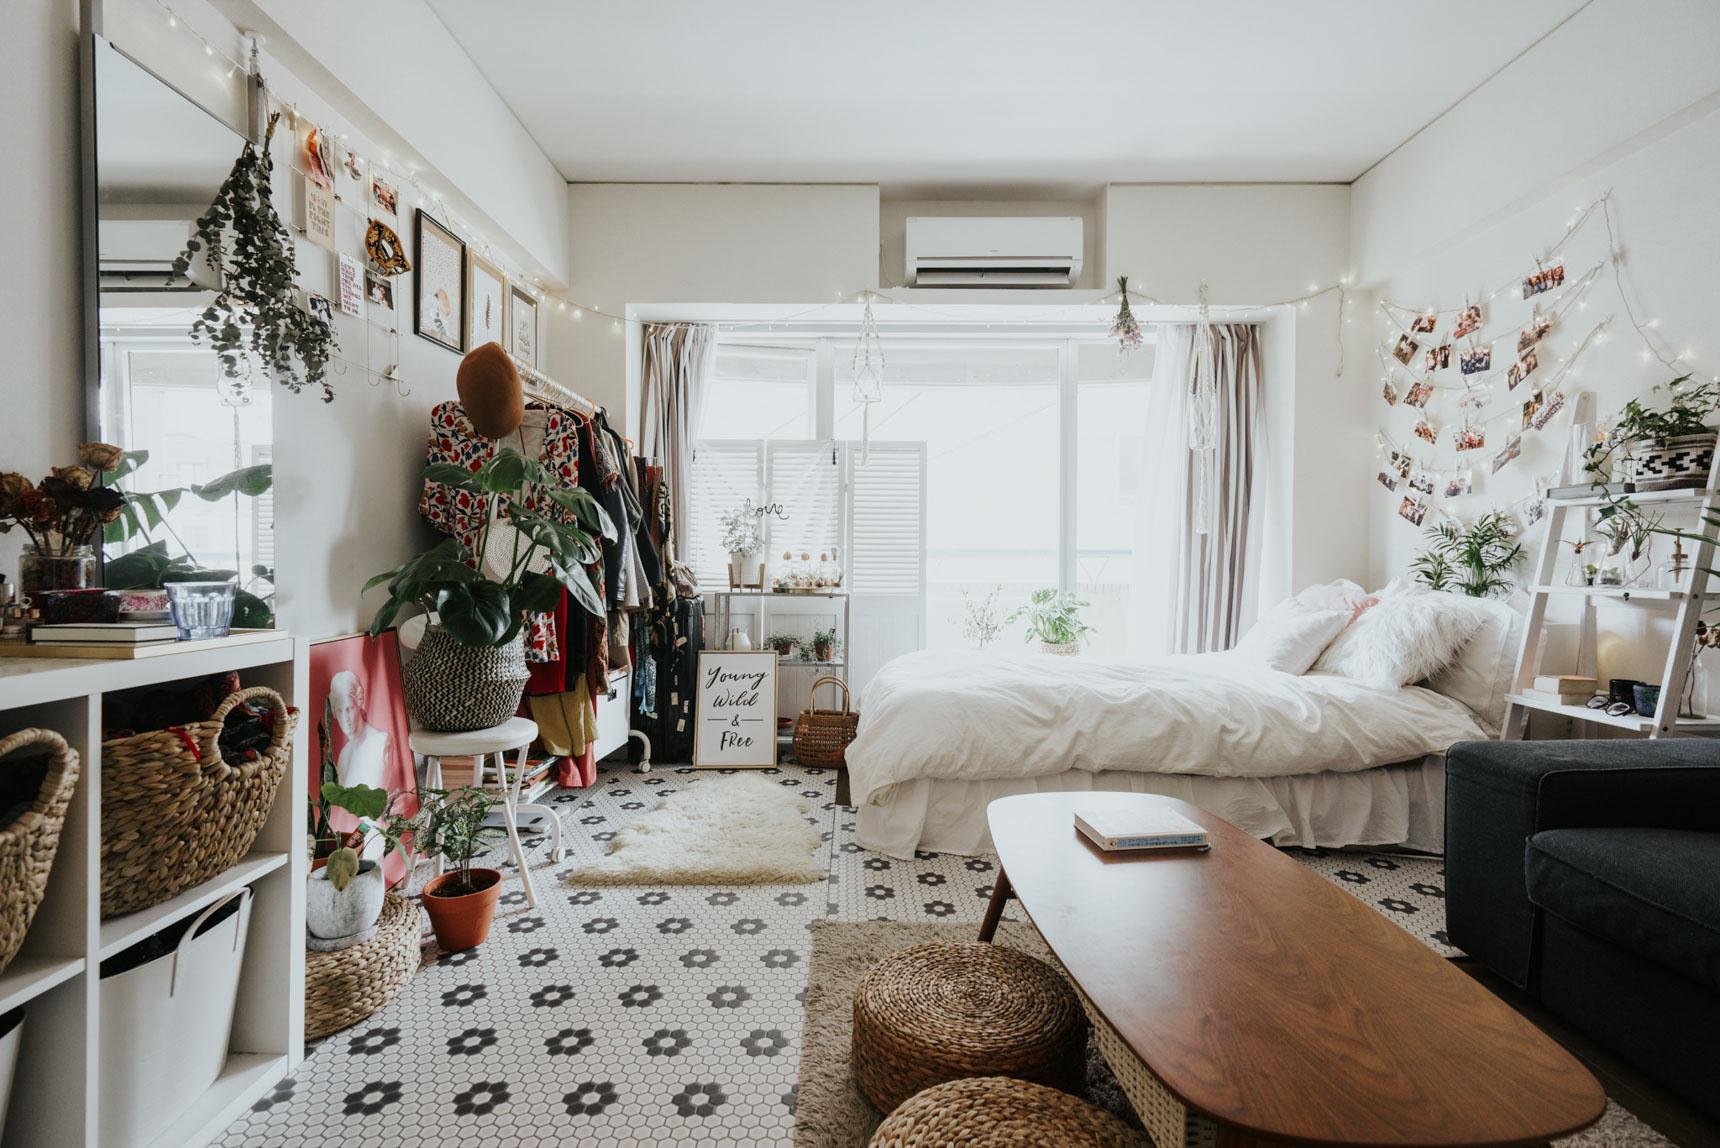 一番お部屋の雰囲気を変えたのは、「床」。タイル模様のクッションシートを敷き、「白」をベースにしたお部屋に作り替えました。